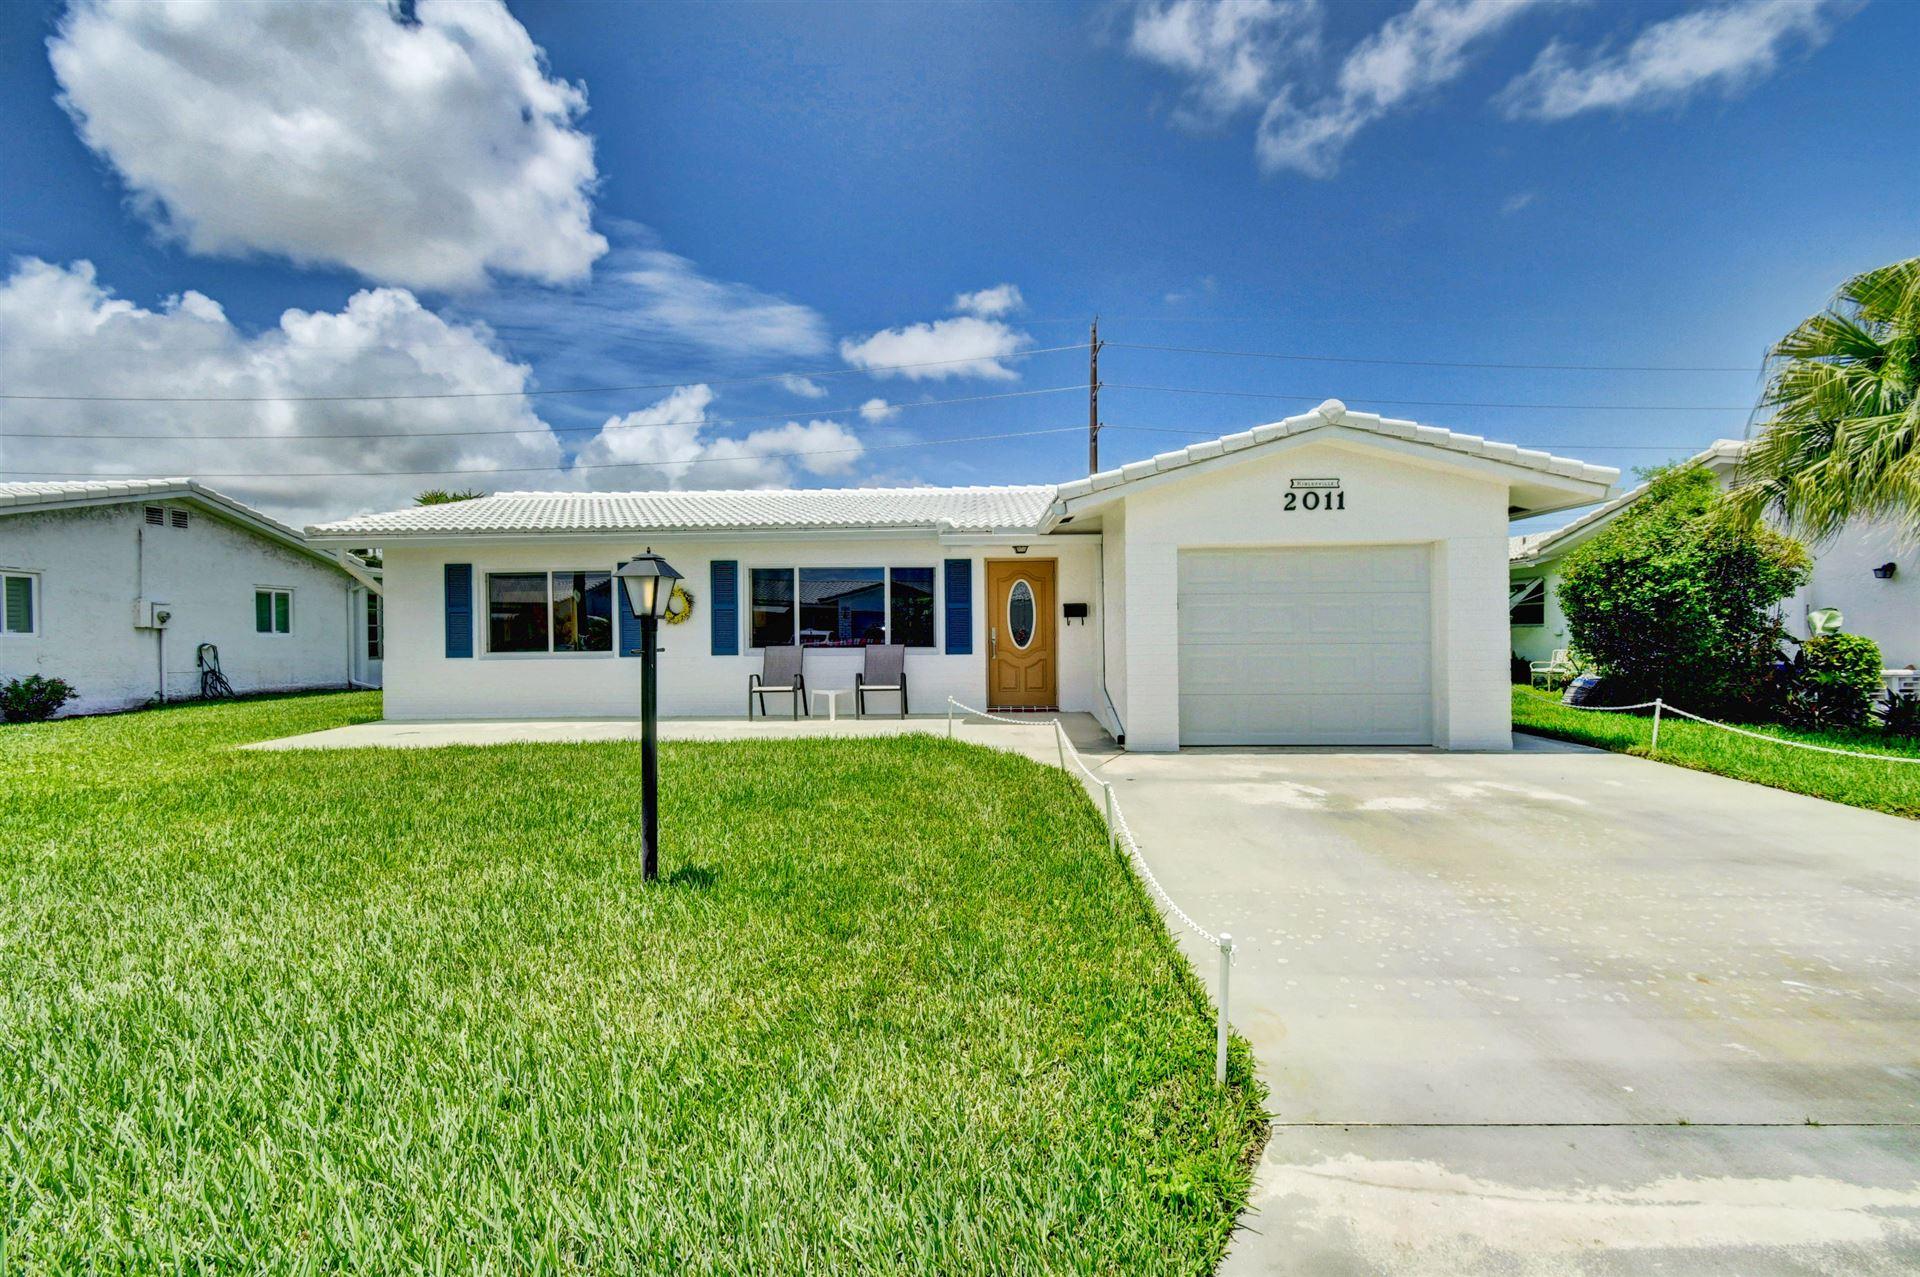 2011 SW 16th Avenue, Boynton Beach, FL 33426 - #: RX-10626867